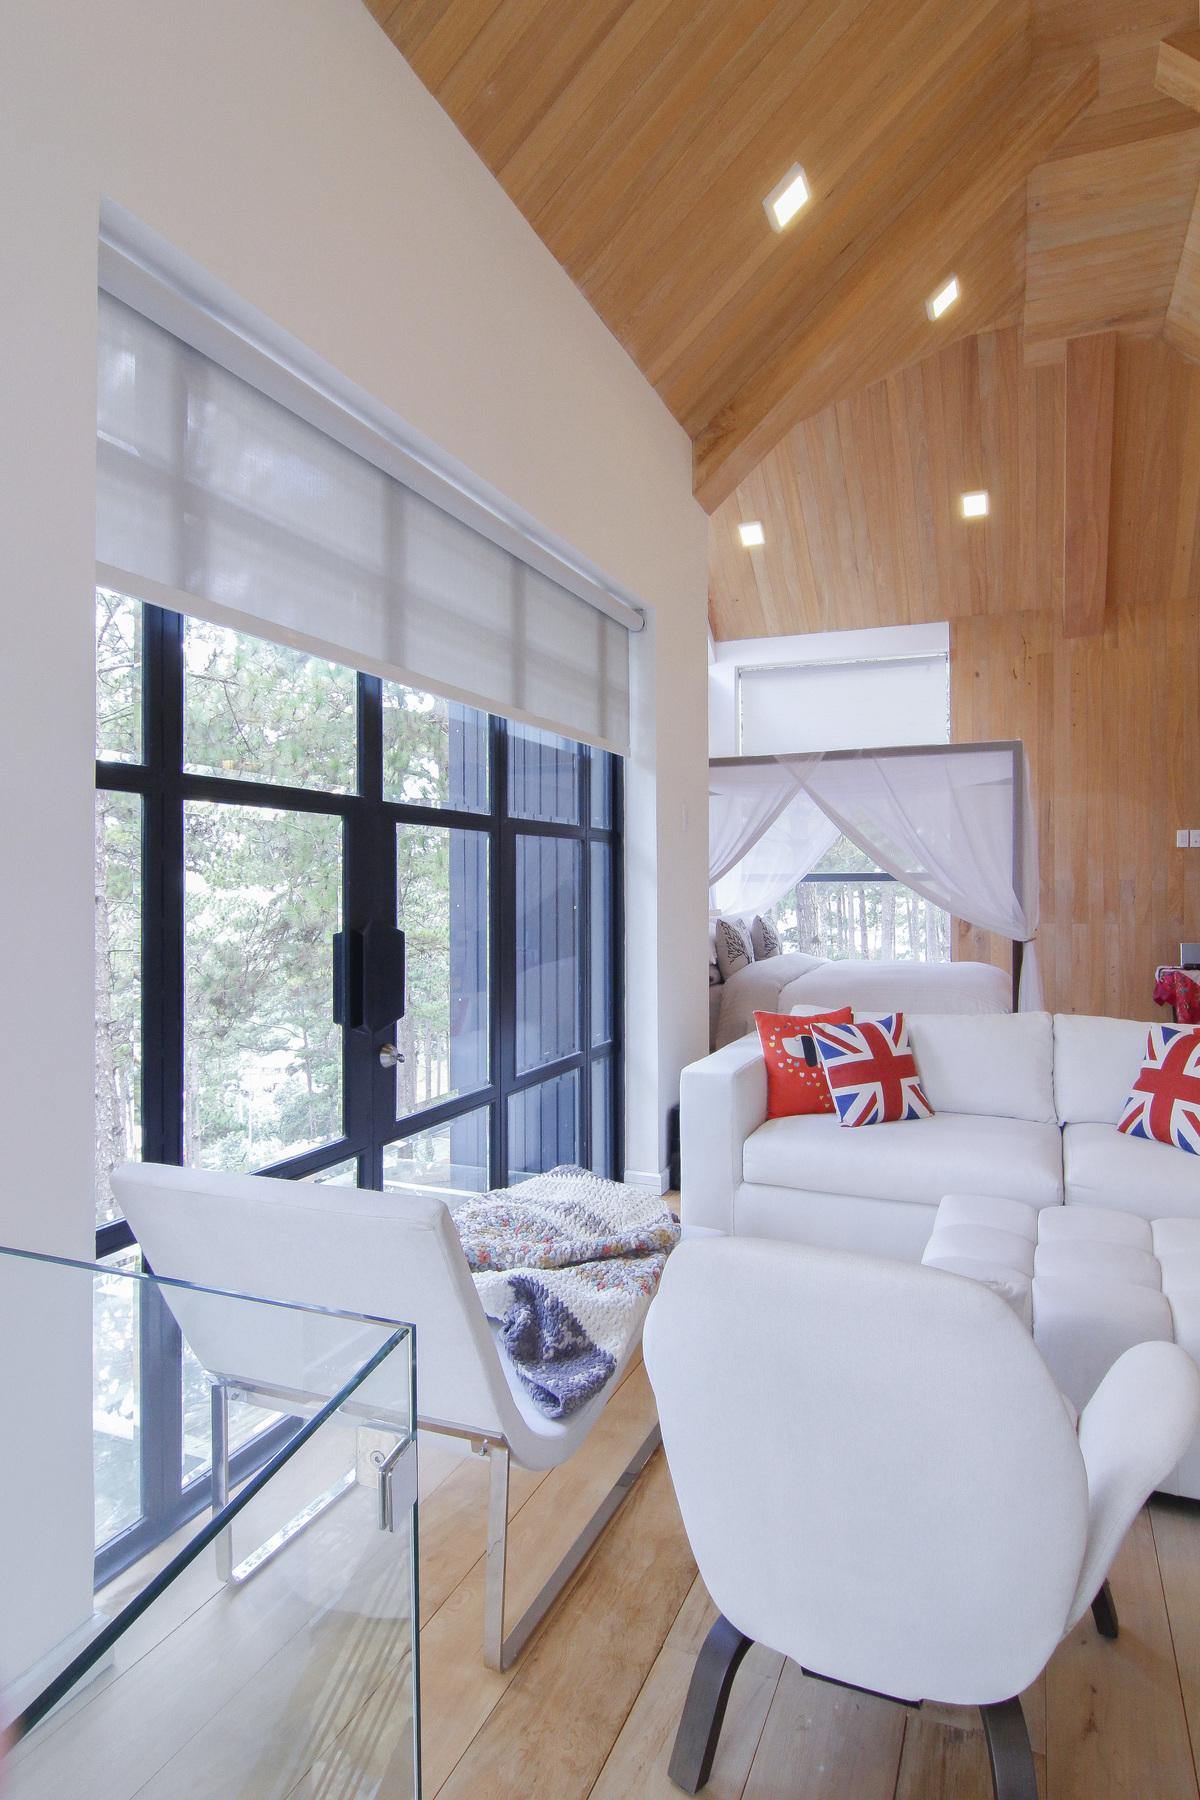 Biệt thự gỗ 25 tỷ đồng trong đồi thông của người mẫu Phan Như Thảo